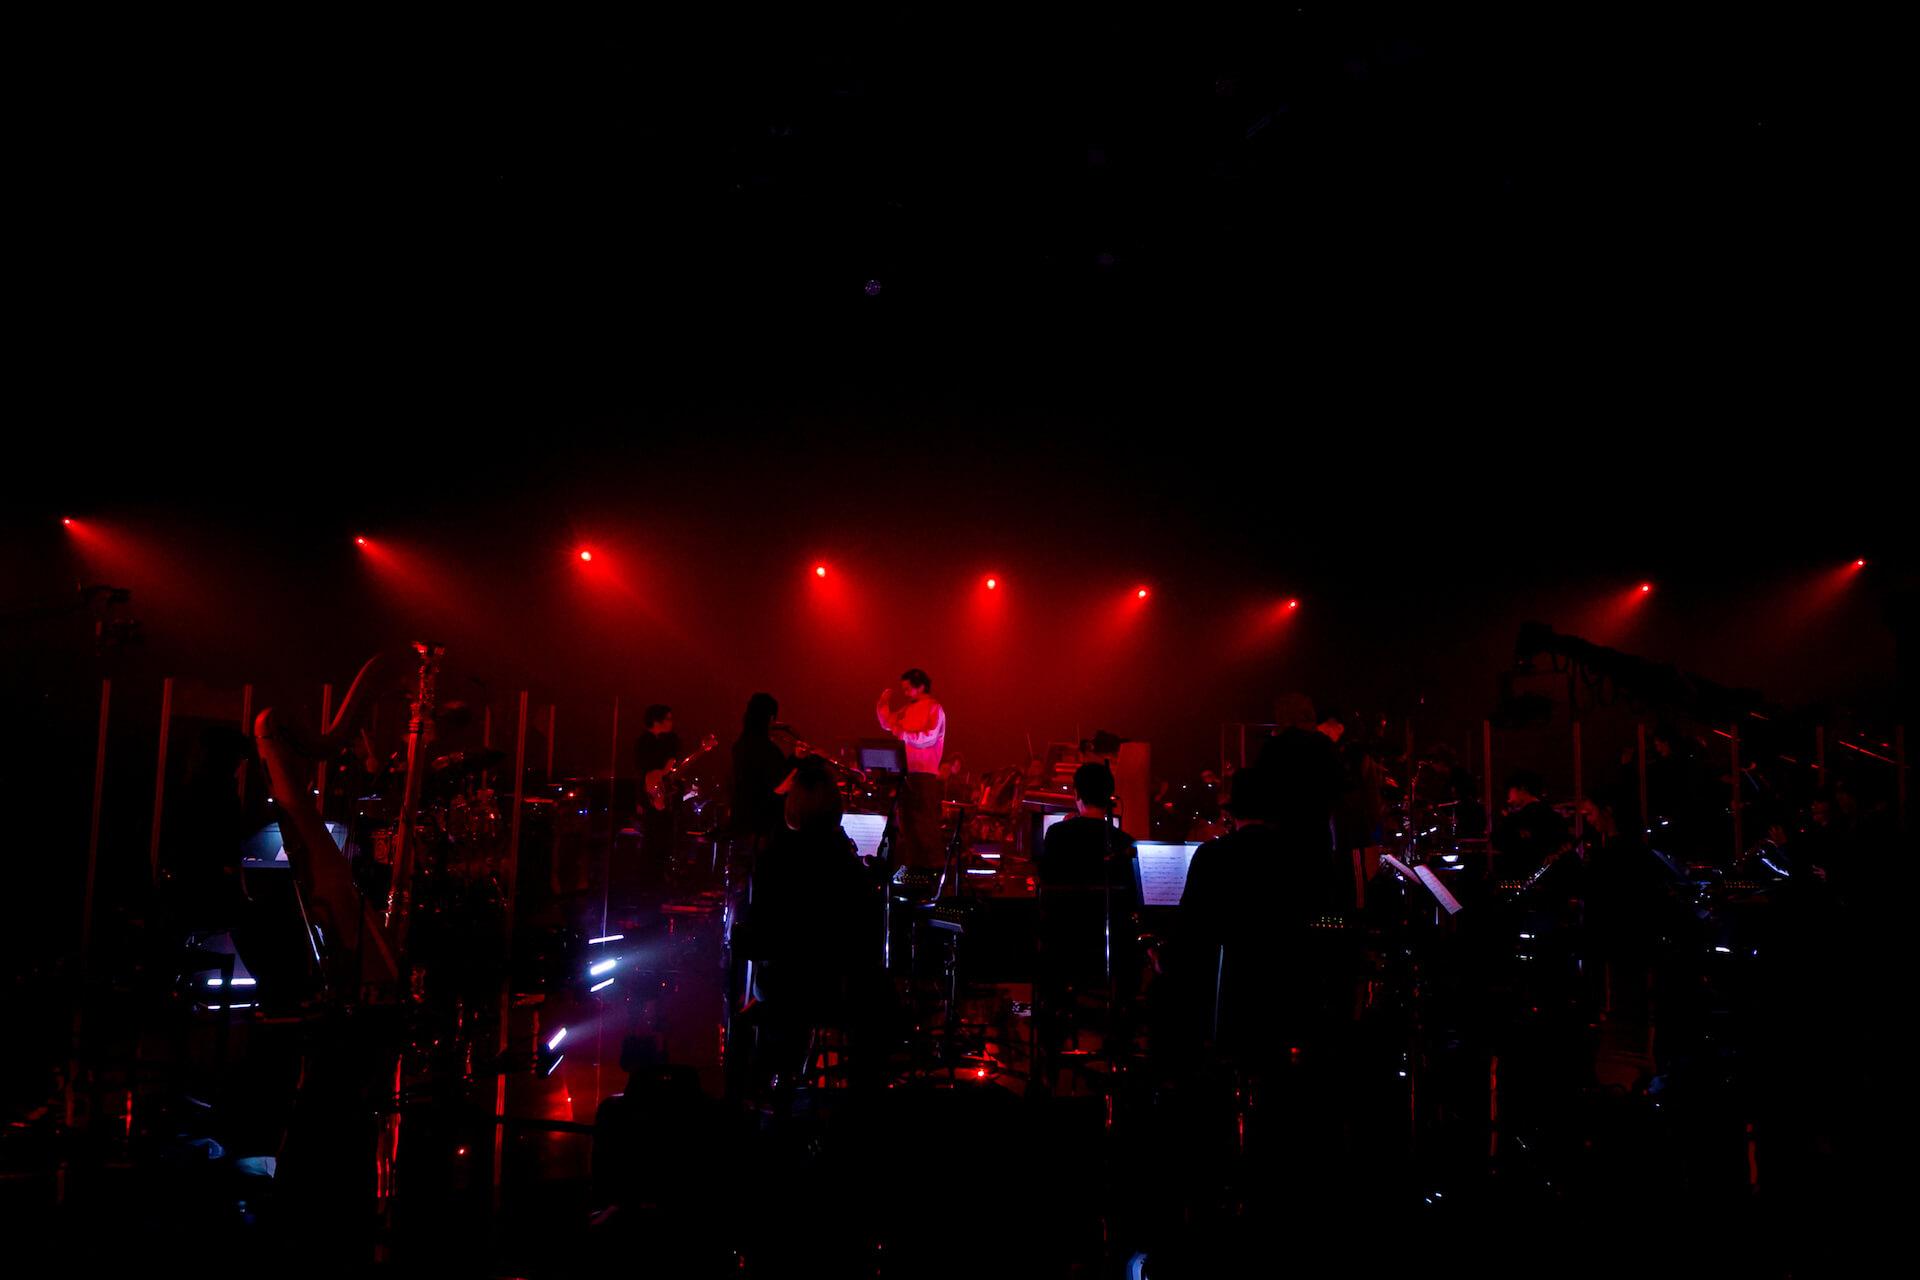 """常田大希率いるmillennium paradeが密着ドキュメンタリーで地上波初パフォーマンス披露!NHK『2030 未来への分岐点』のテーマ音楽""""2992""""も明日先行配信開始 music210107_millenniumparade_4"""